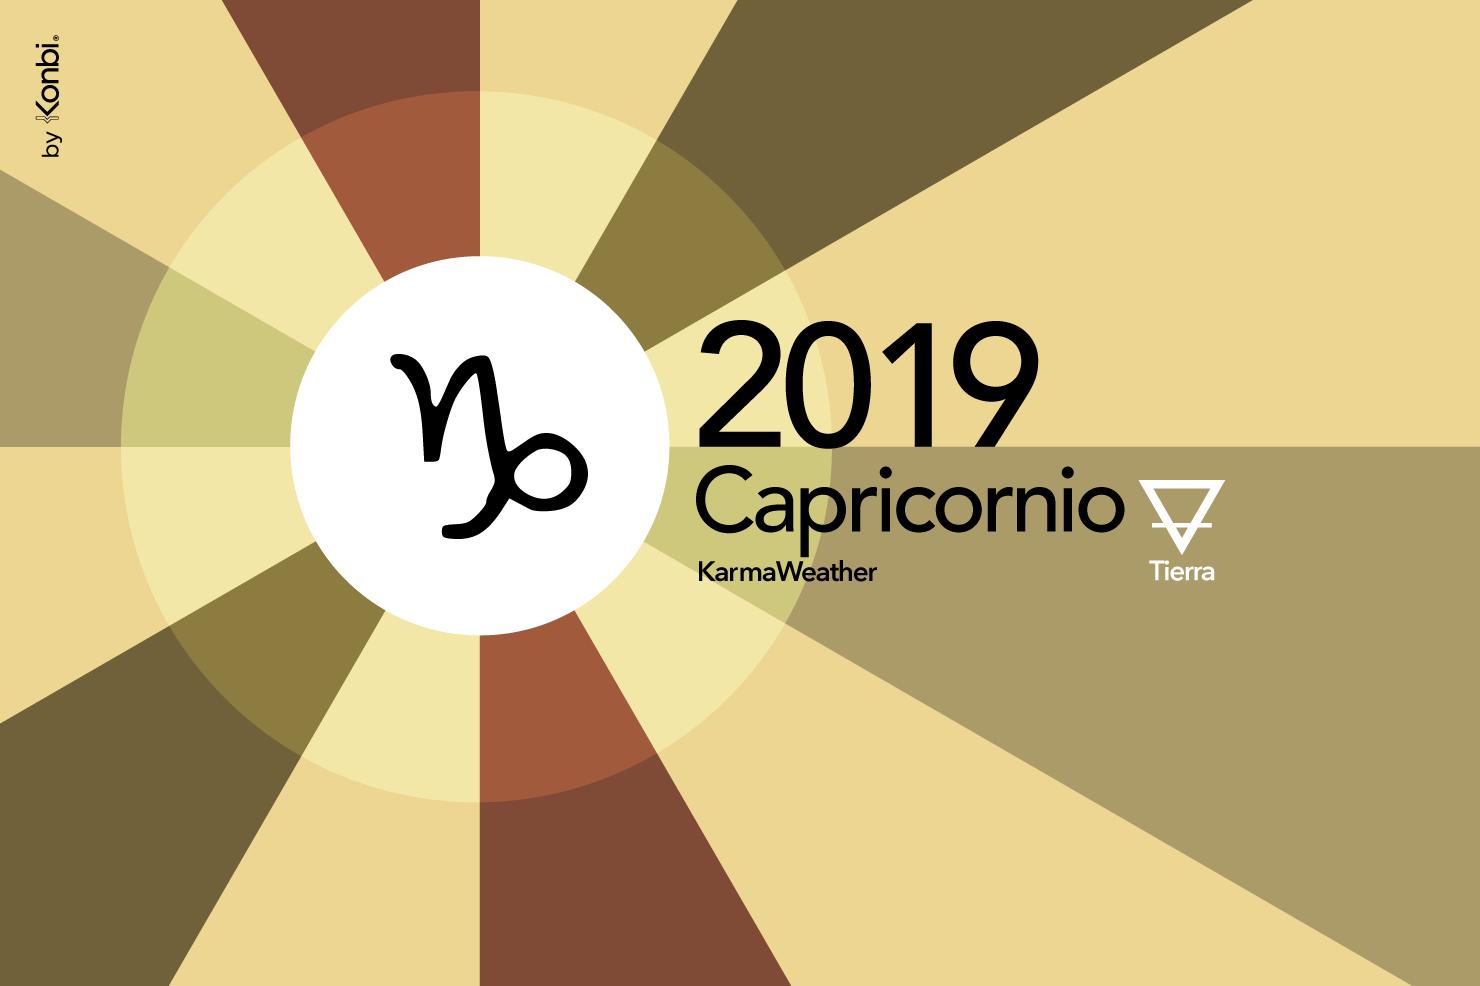 Capricornio 2019